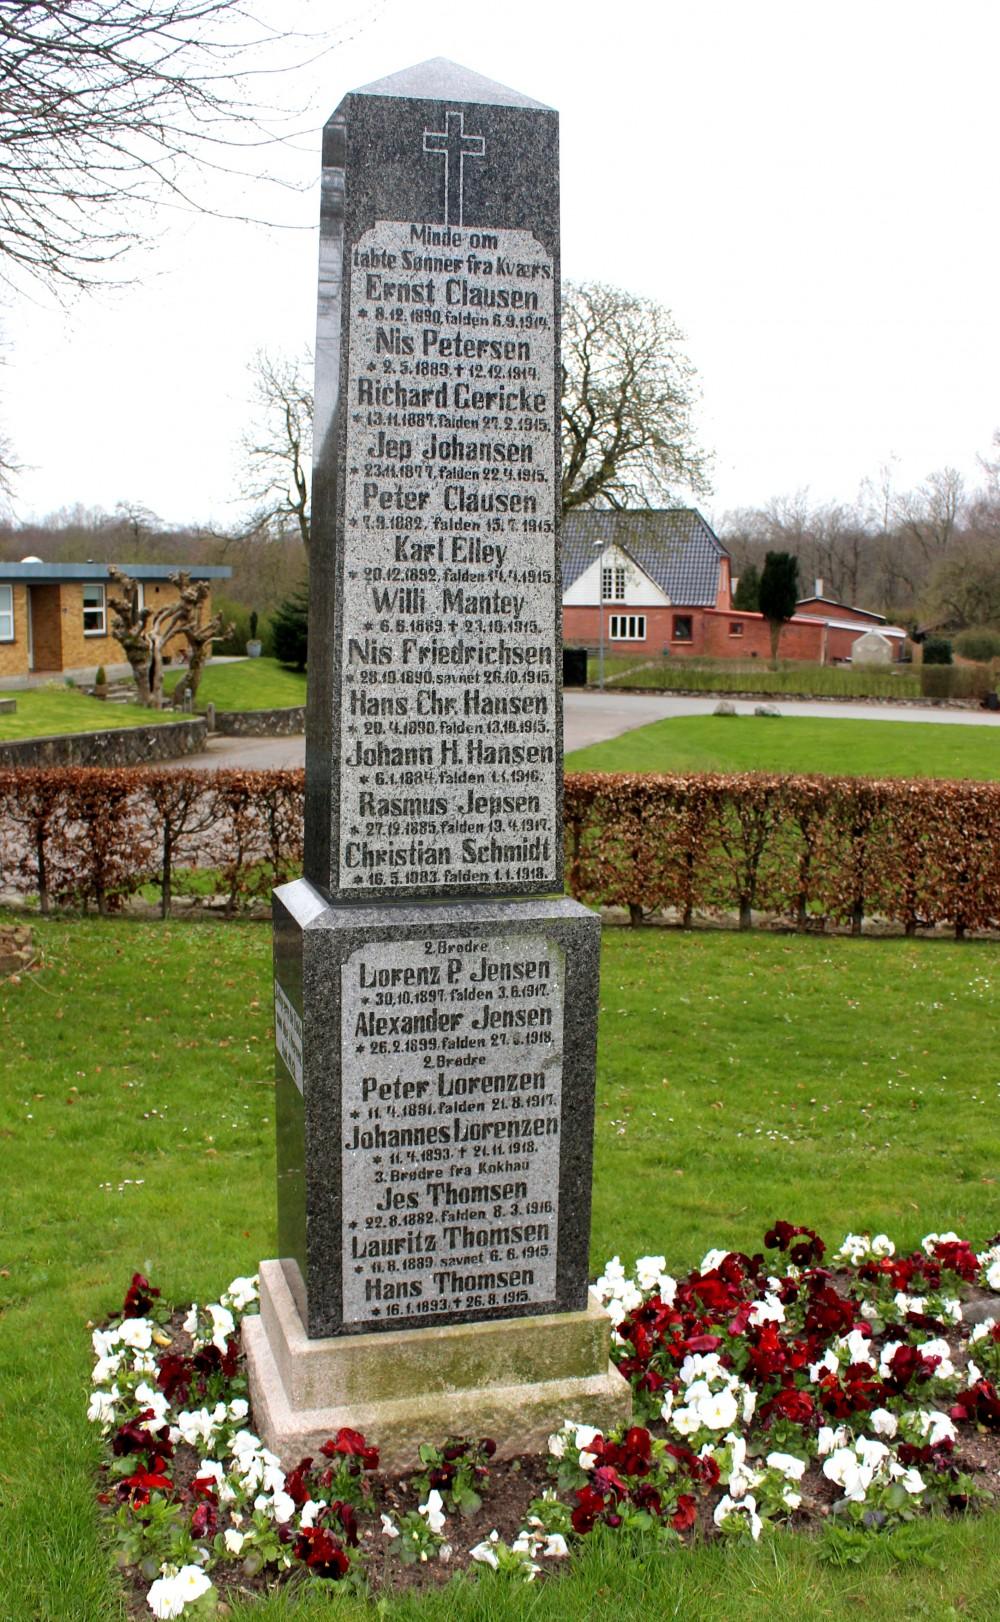 Mindesten, Kværs Kirkegård